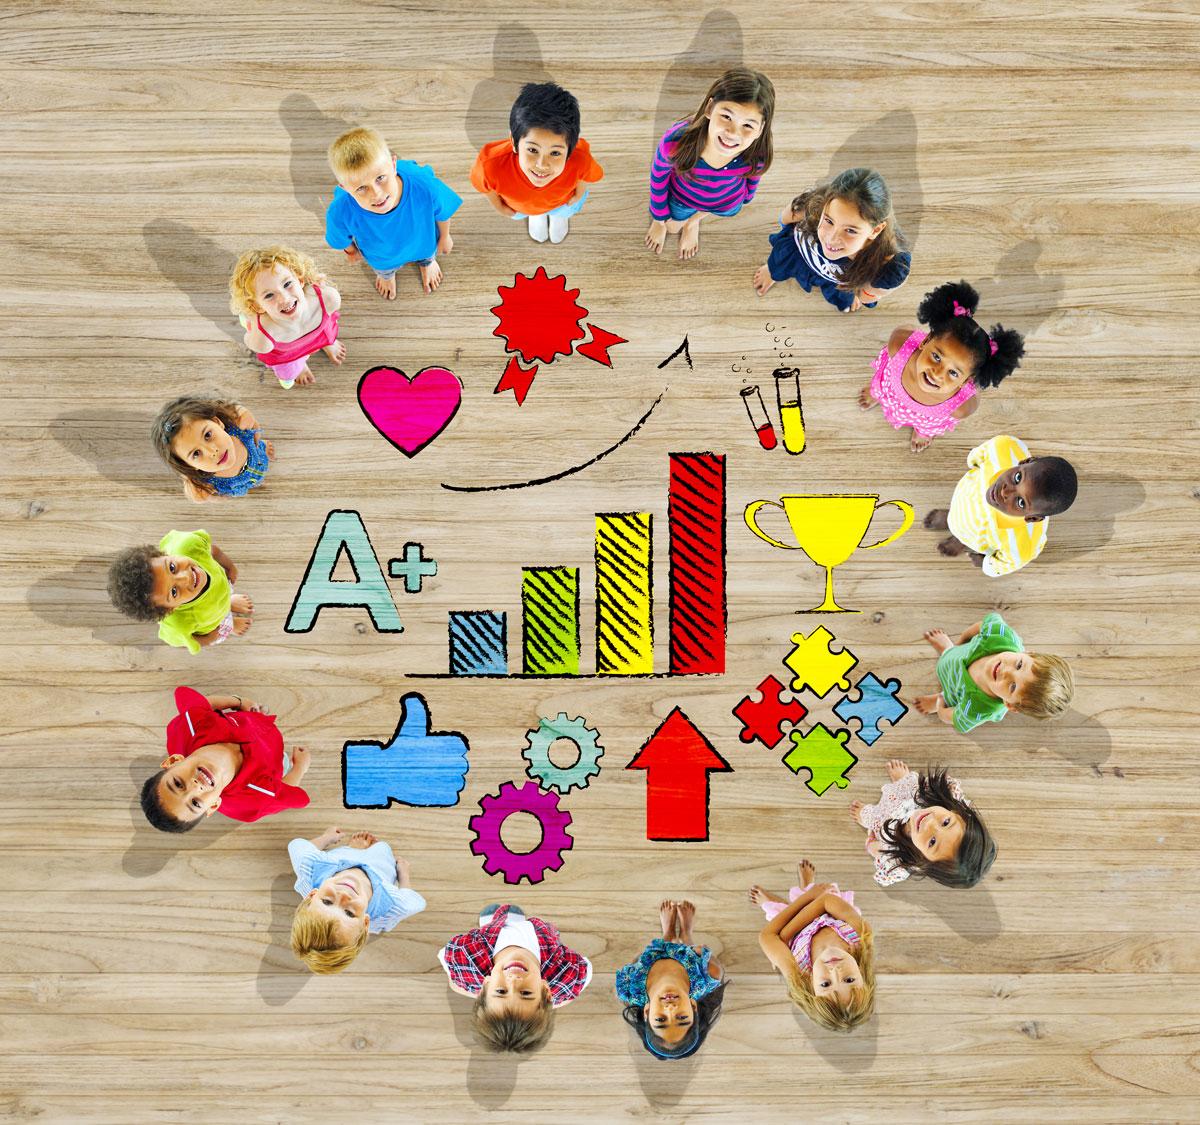 【3歳・4歳】数や文字だけじゃない!小学校入学前に身につけておくべき、幼児の10の基礎概念(色・形・空間認識・お金の数え方など)を家庭で簡単に教える方法